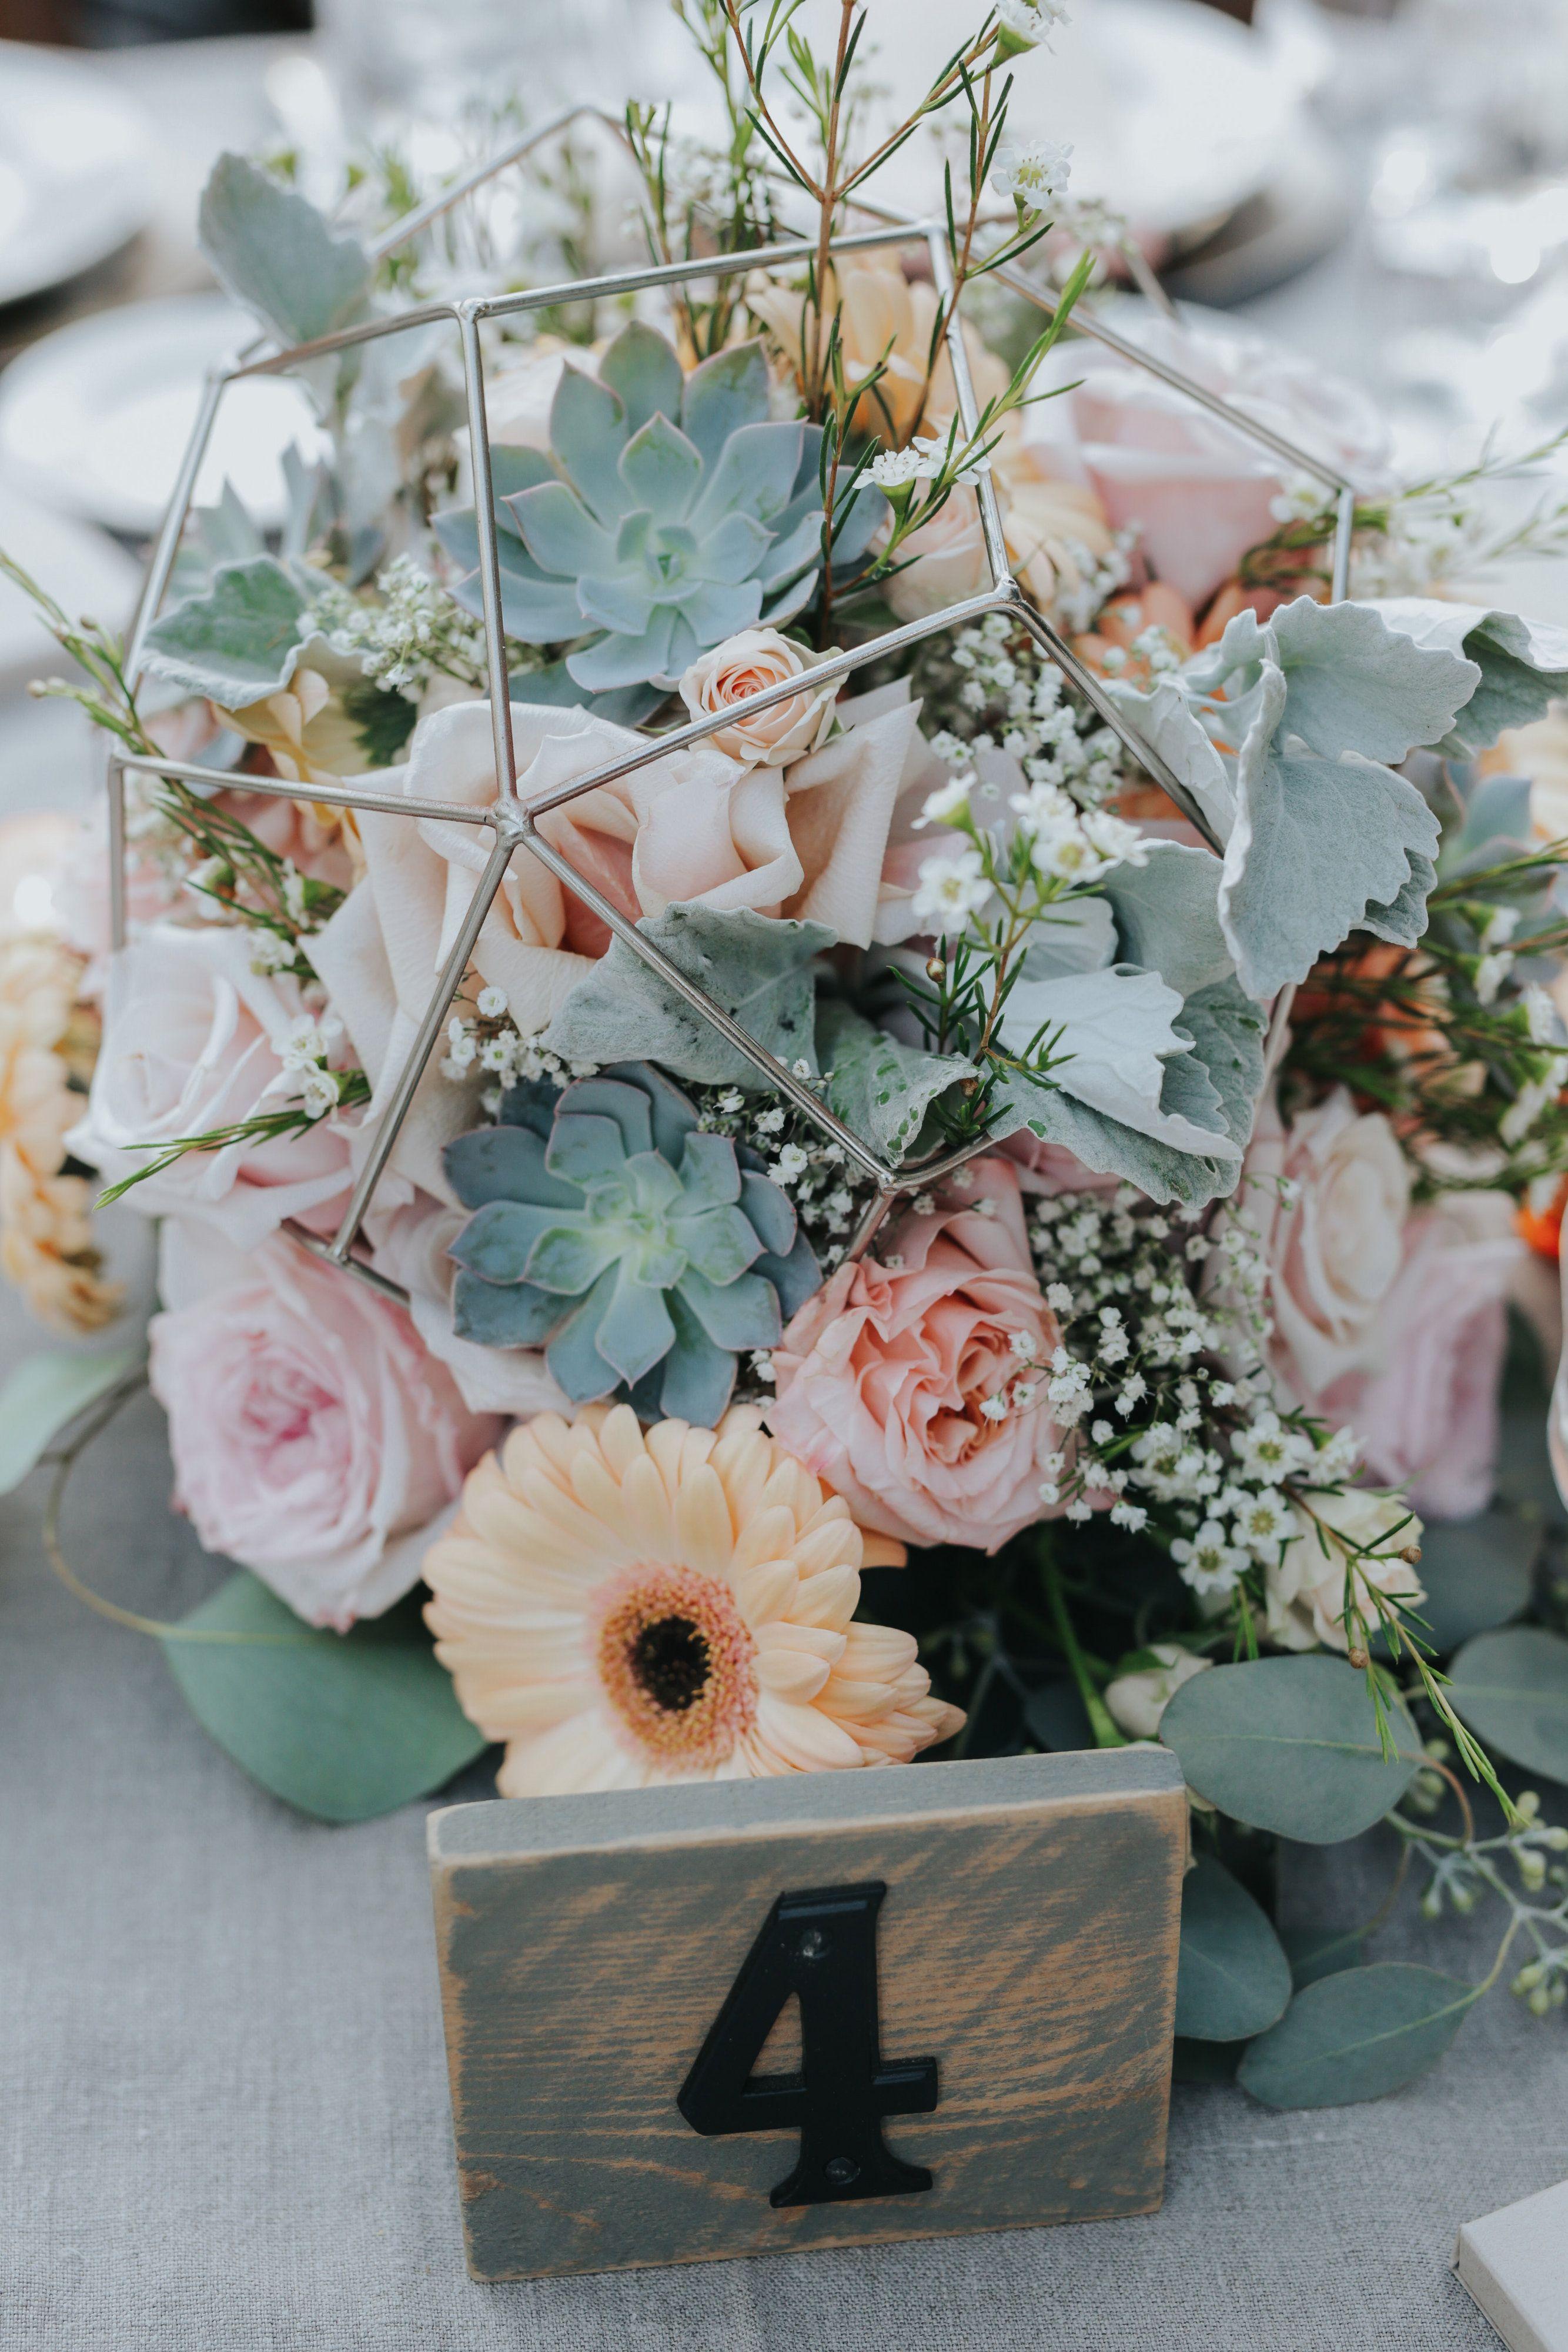 Wedding Reception Floral Arrangement Centerpiece in Gold